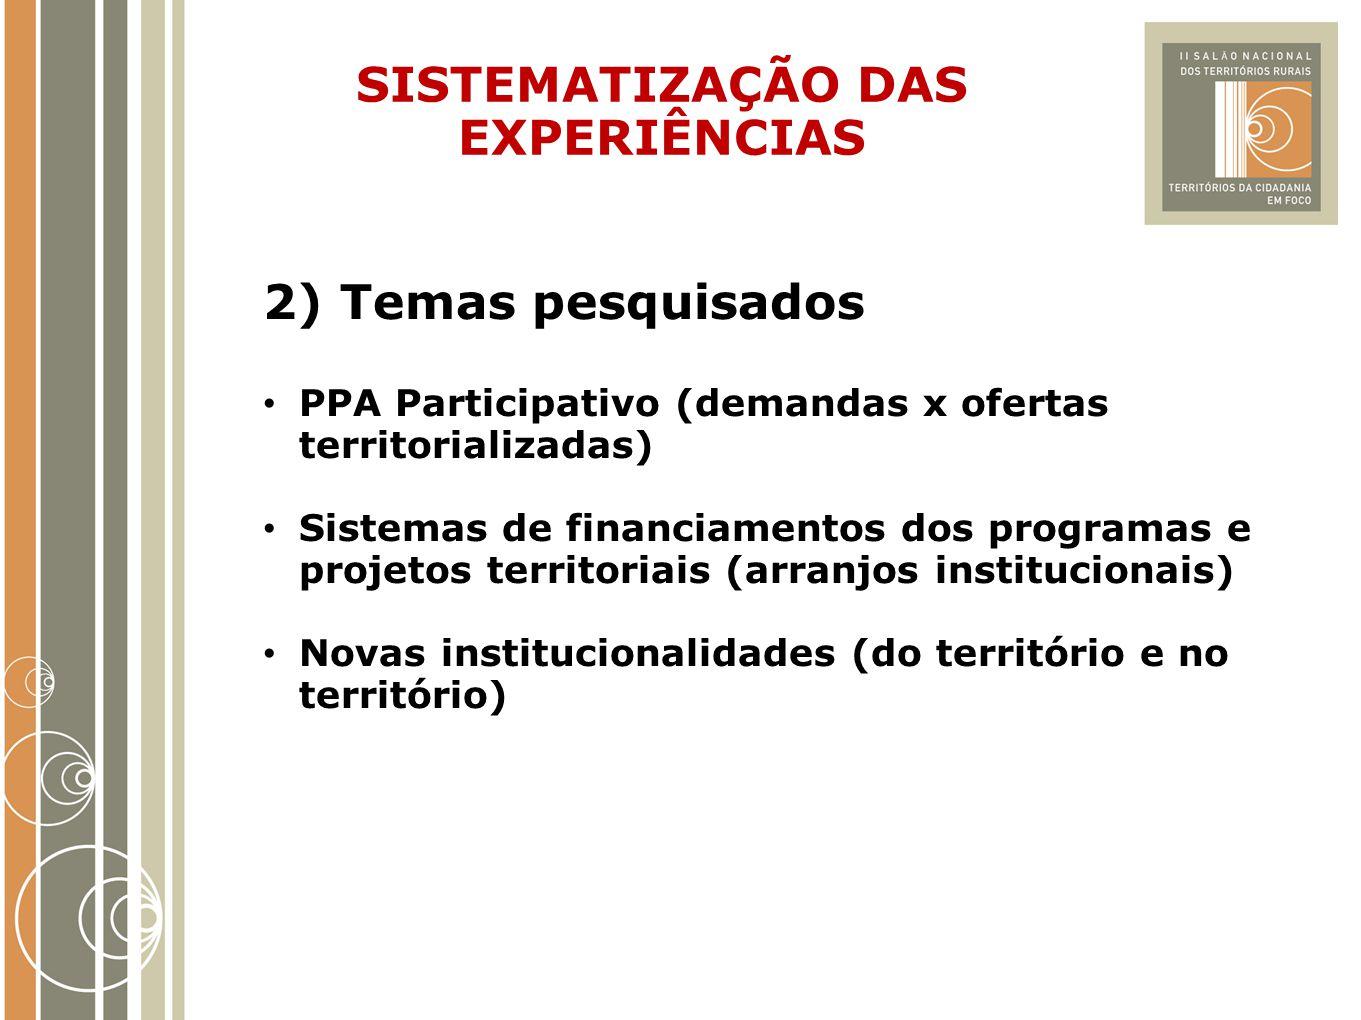 SISTEMATIZAÇÃO DAS EXPERIÊNCIAS 2) Temas pesquisados PPA Participativo (demandas x ofertas territorializadas) Sistemas de financiamentos dos programas